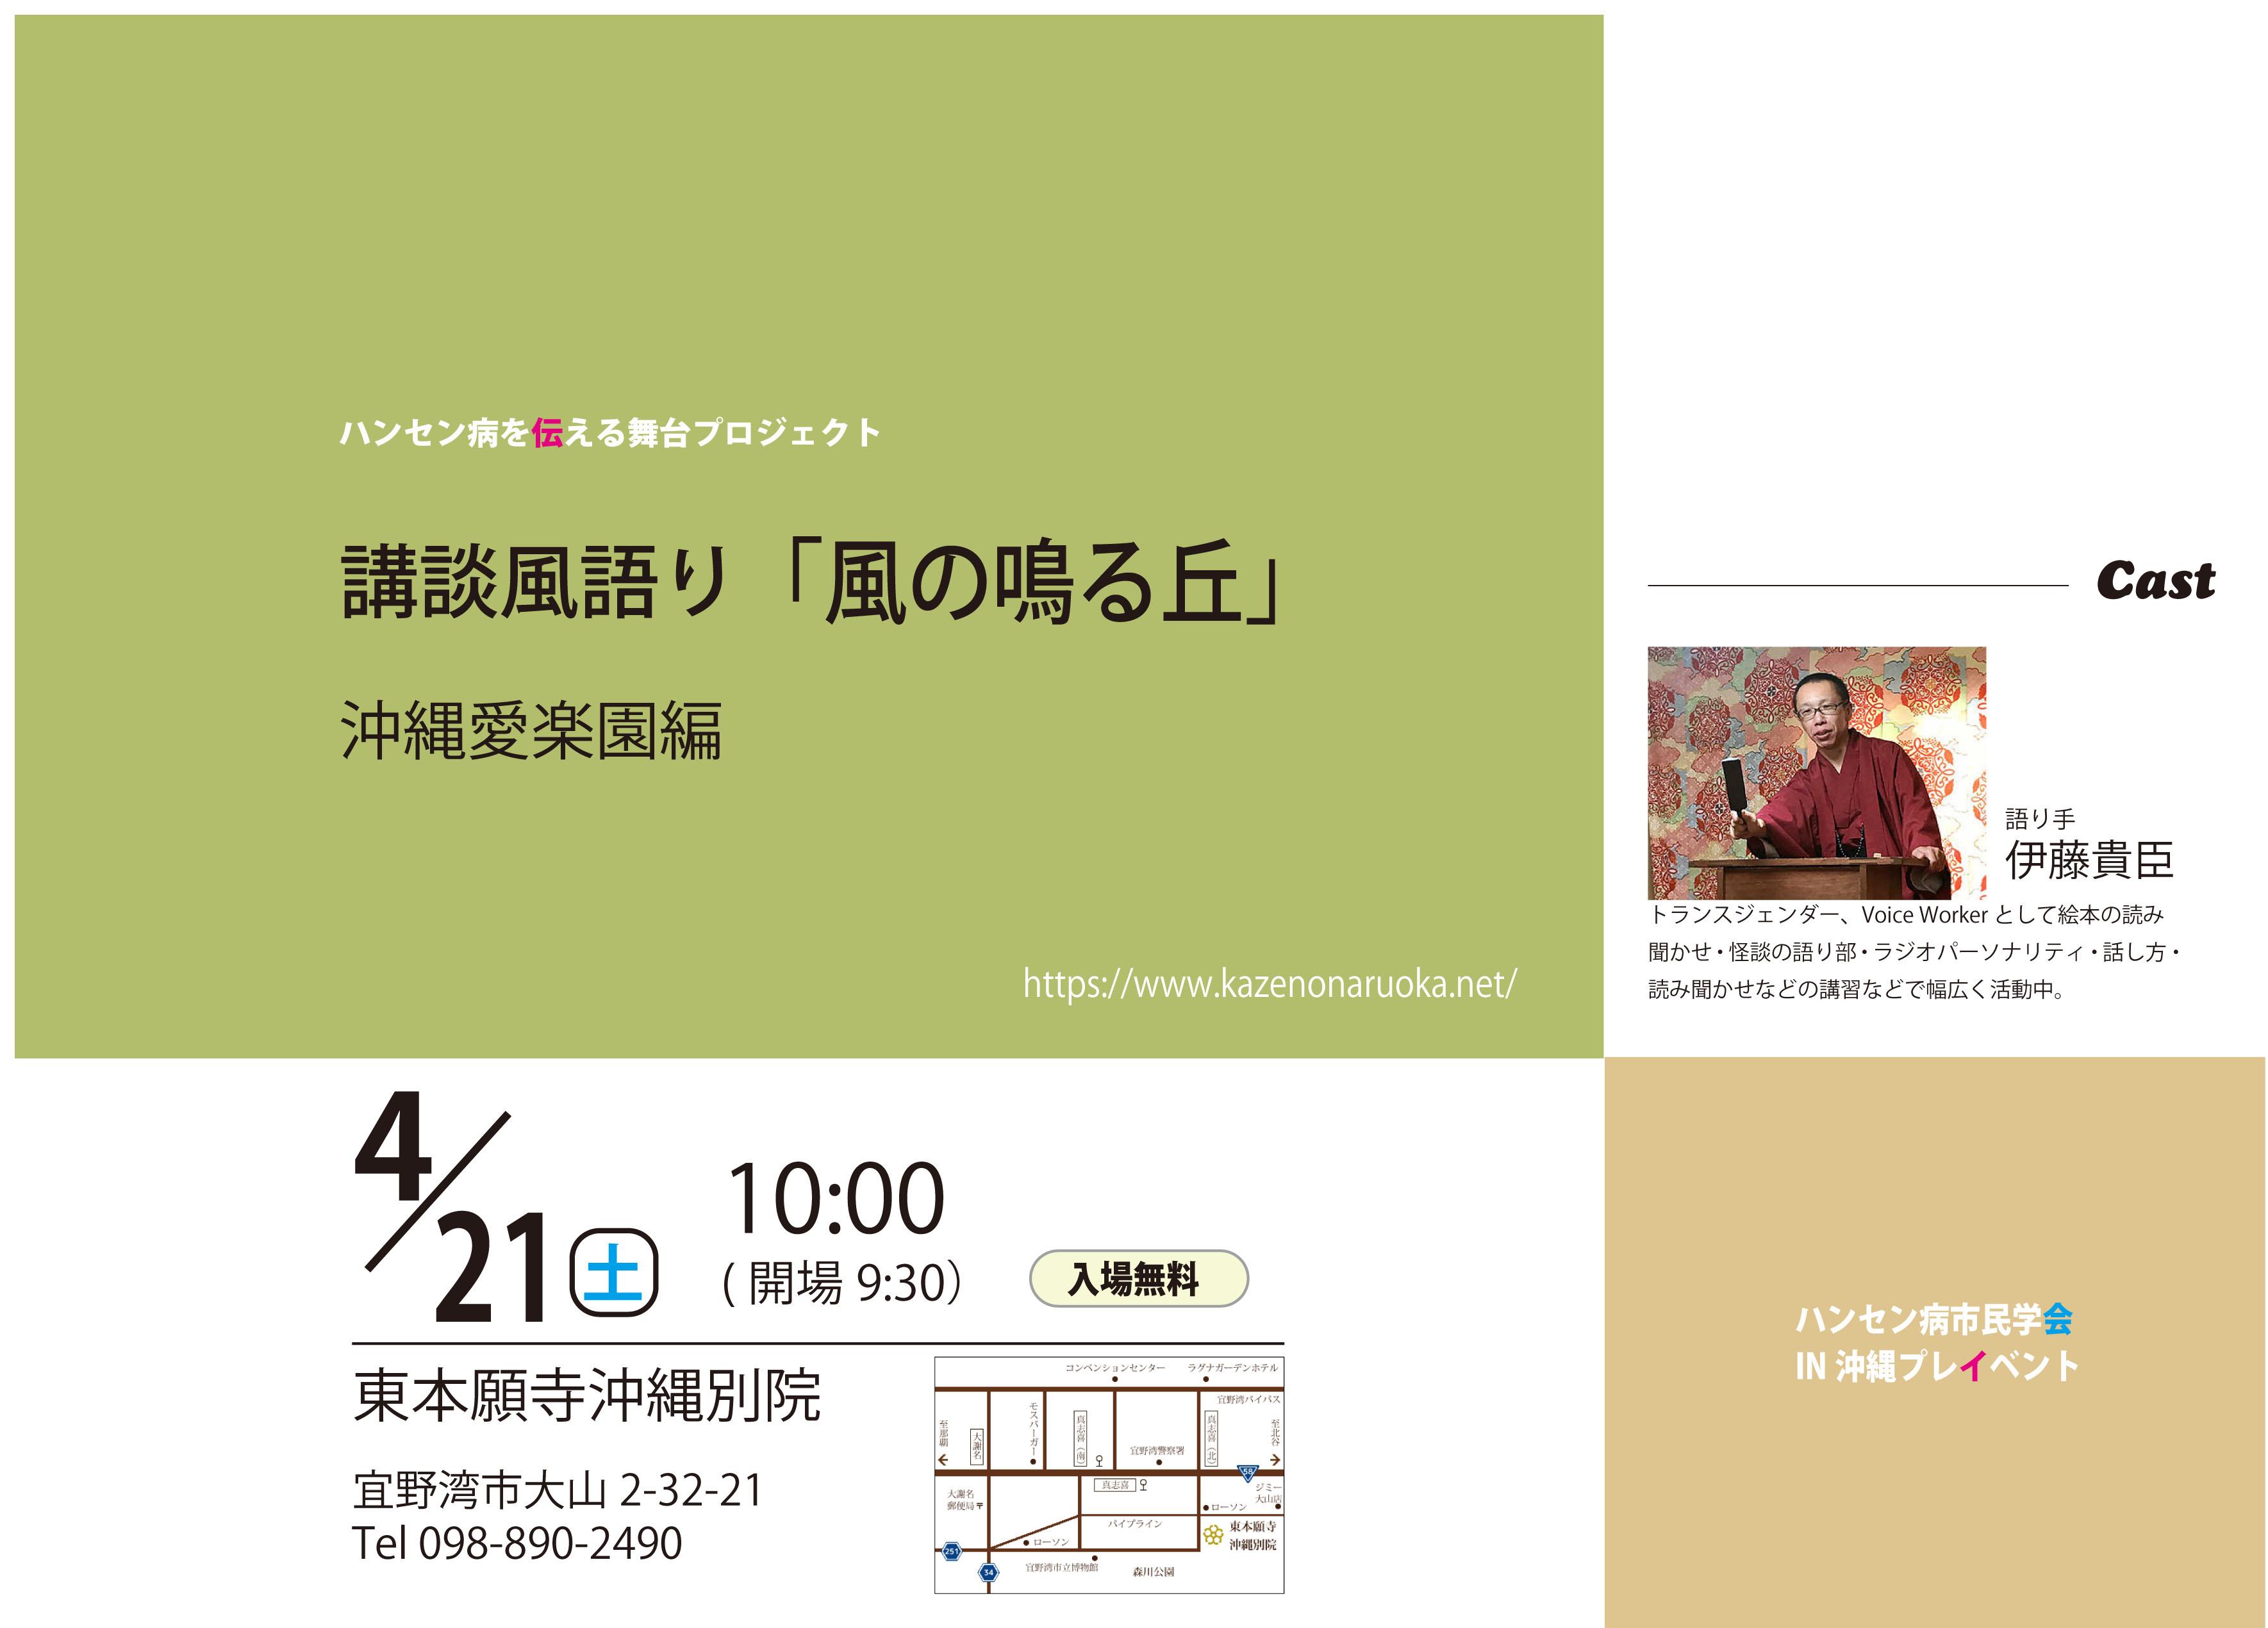 宜野湾公演